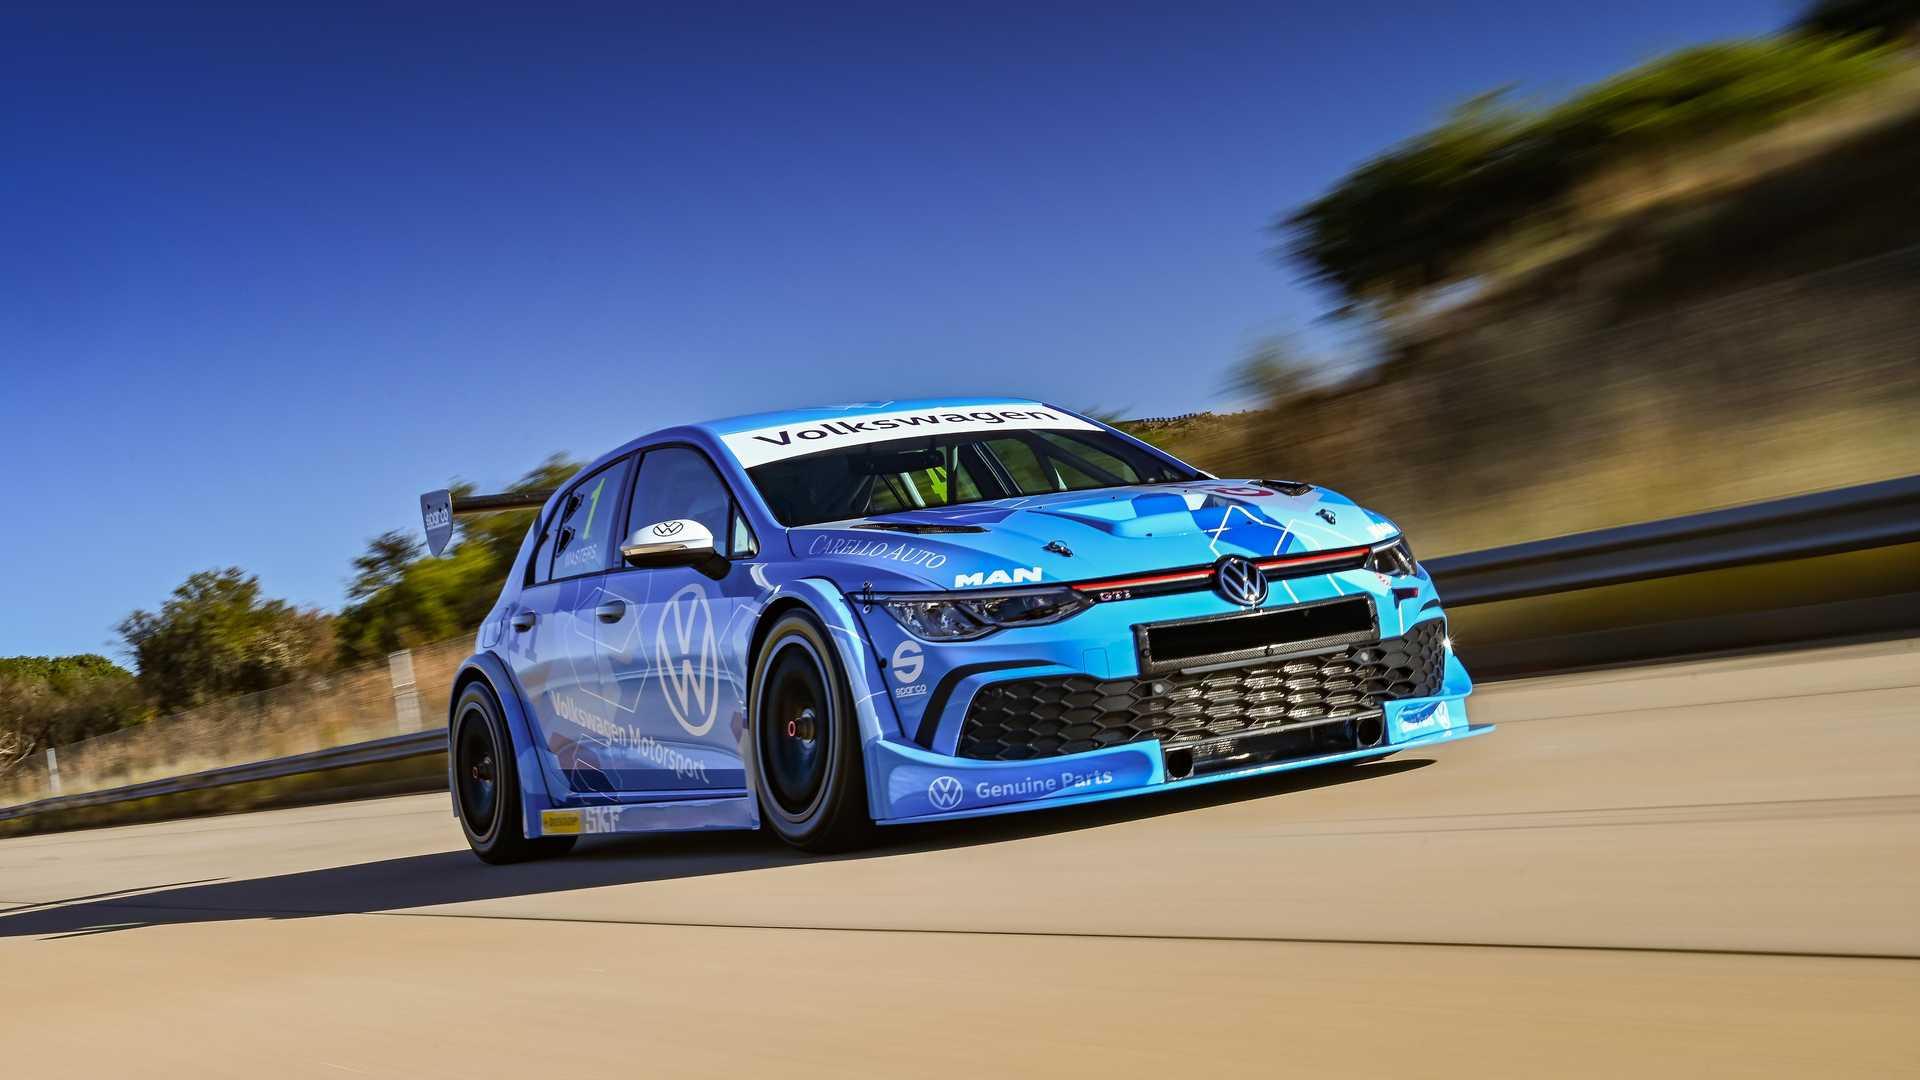 Volkswagen-GTI-GTC-Race-Car-20